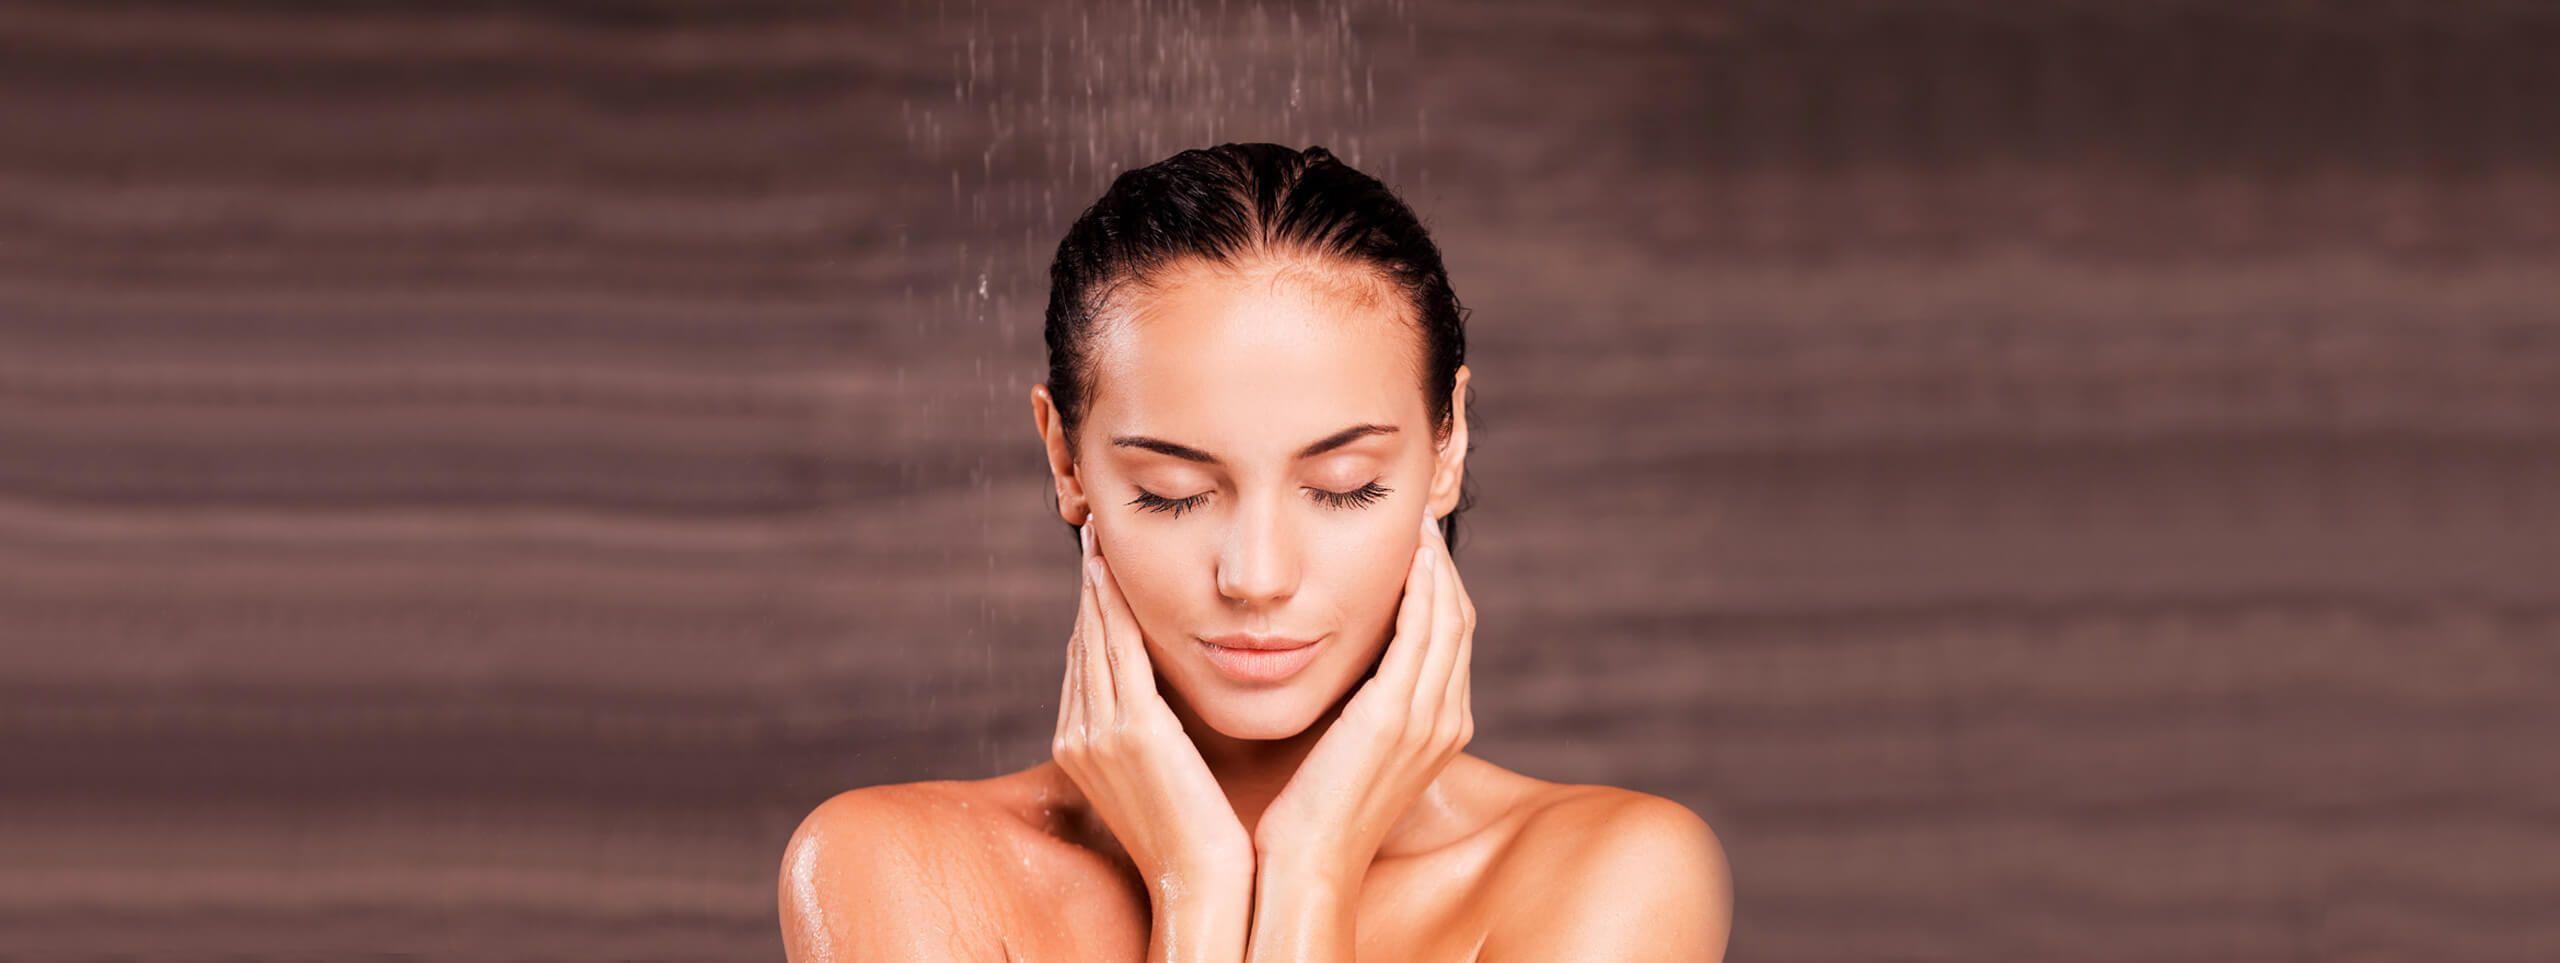 Kobieta myjąca ciemne włosy